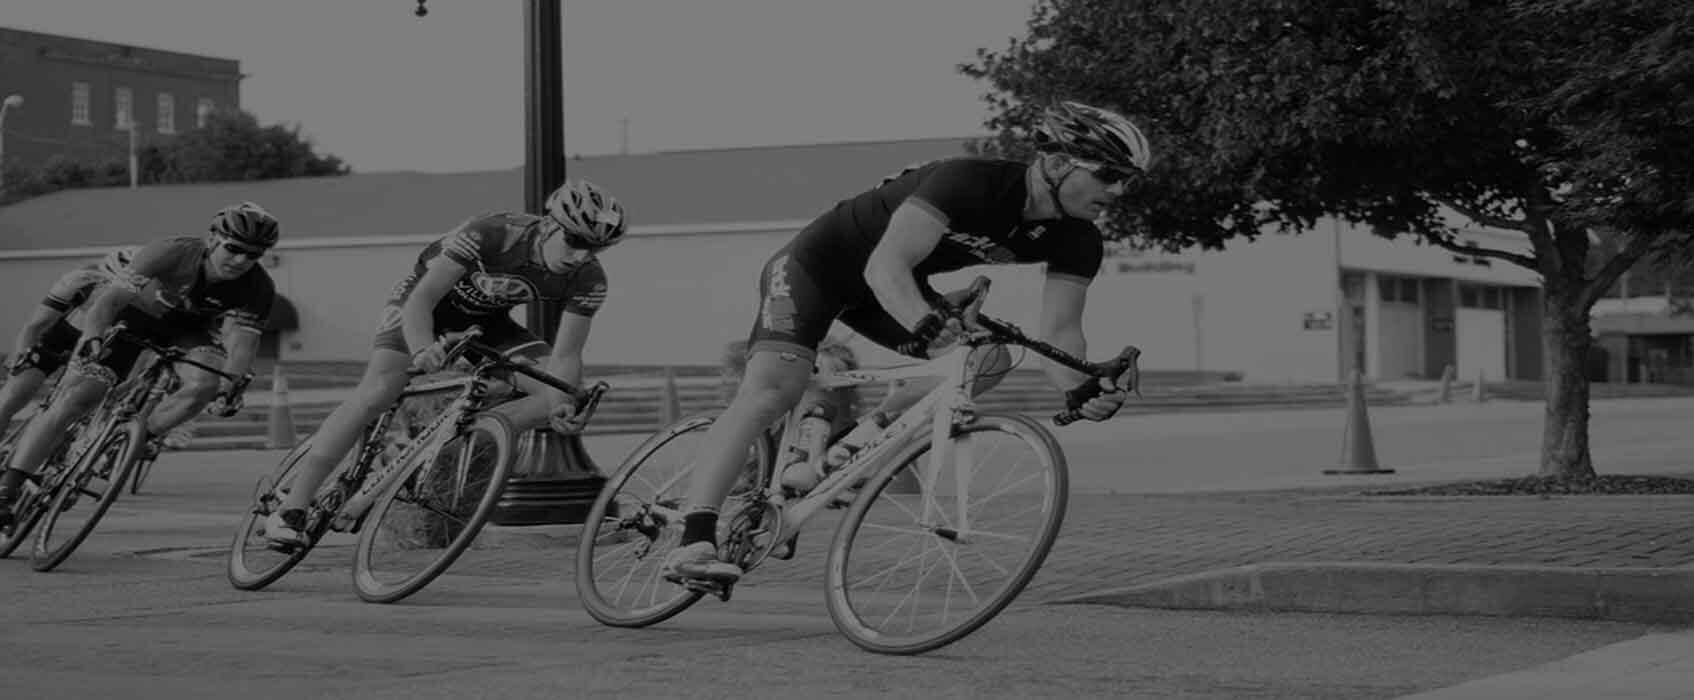 bikeslider